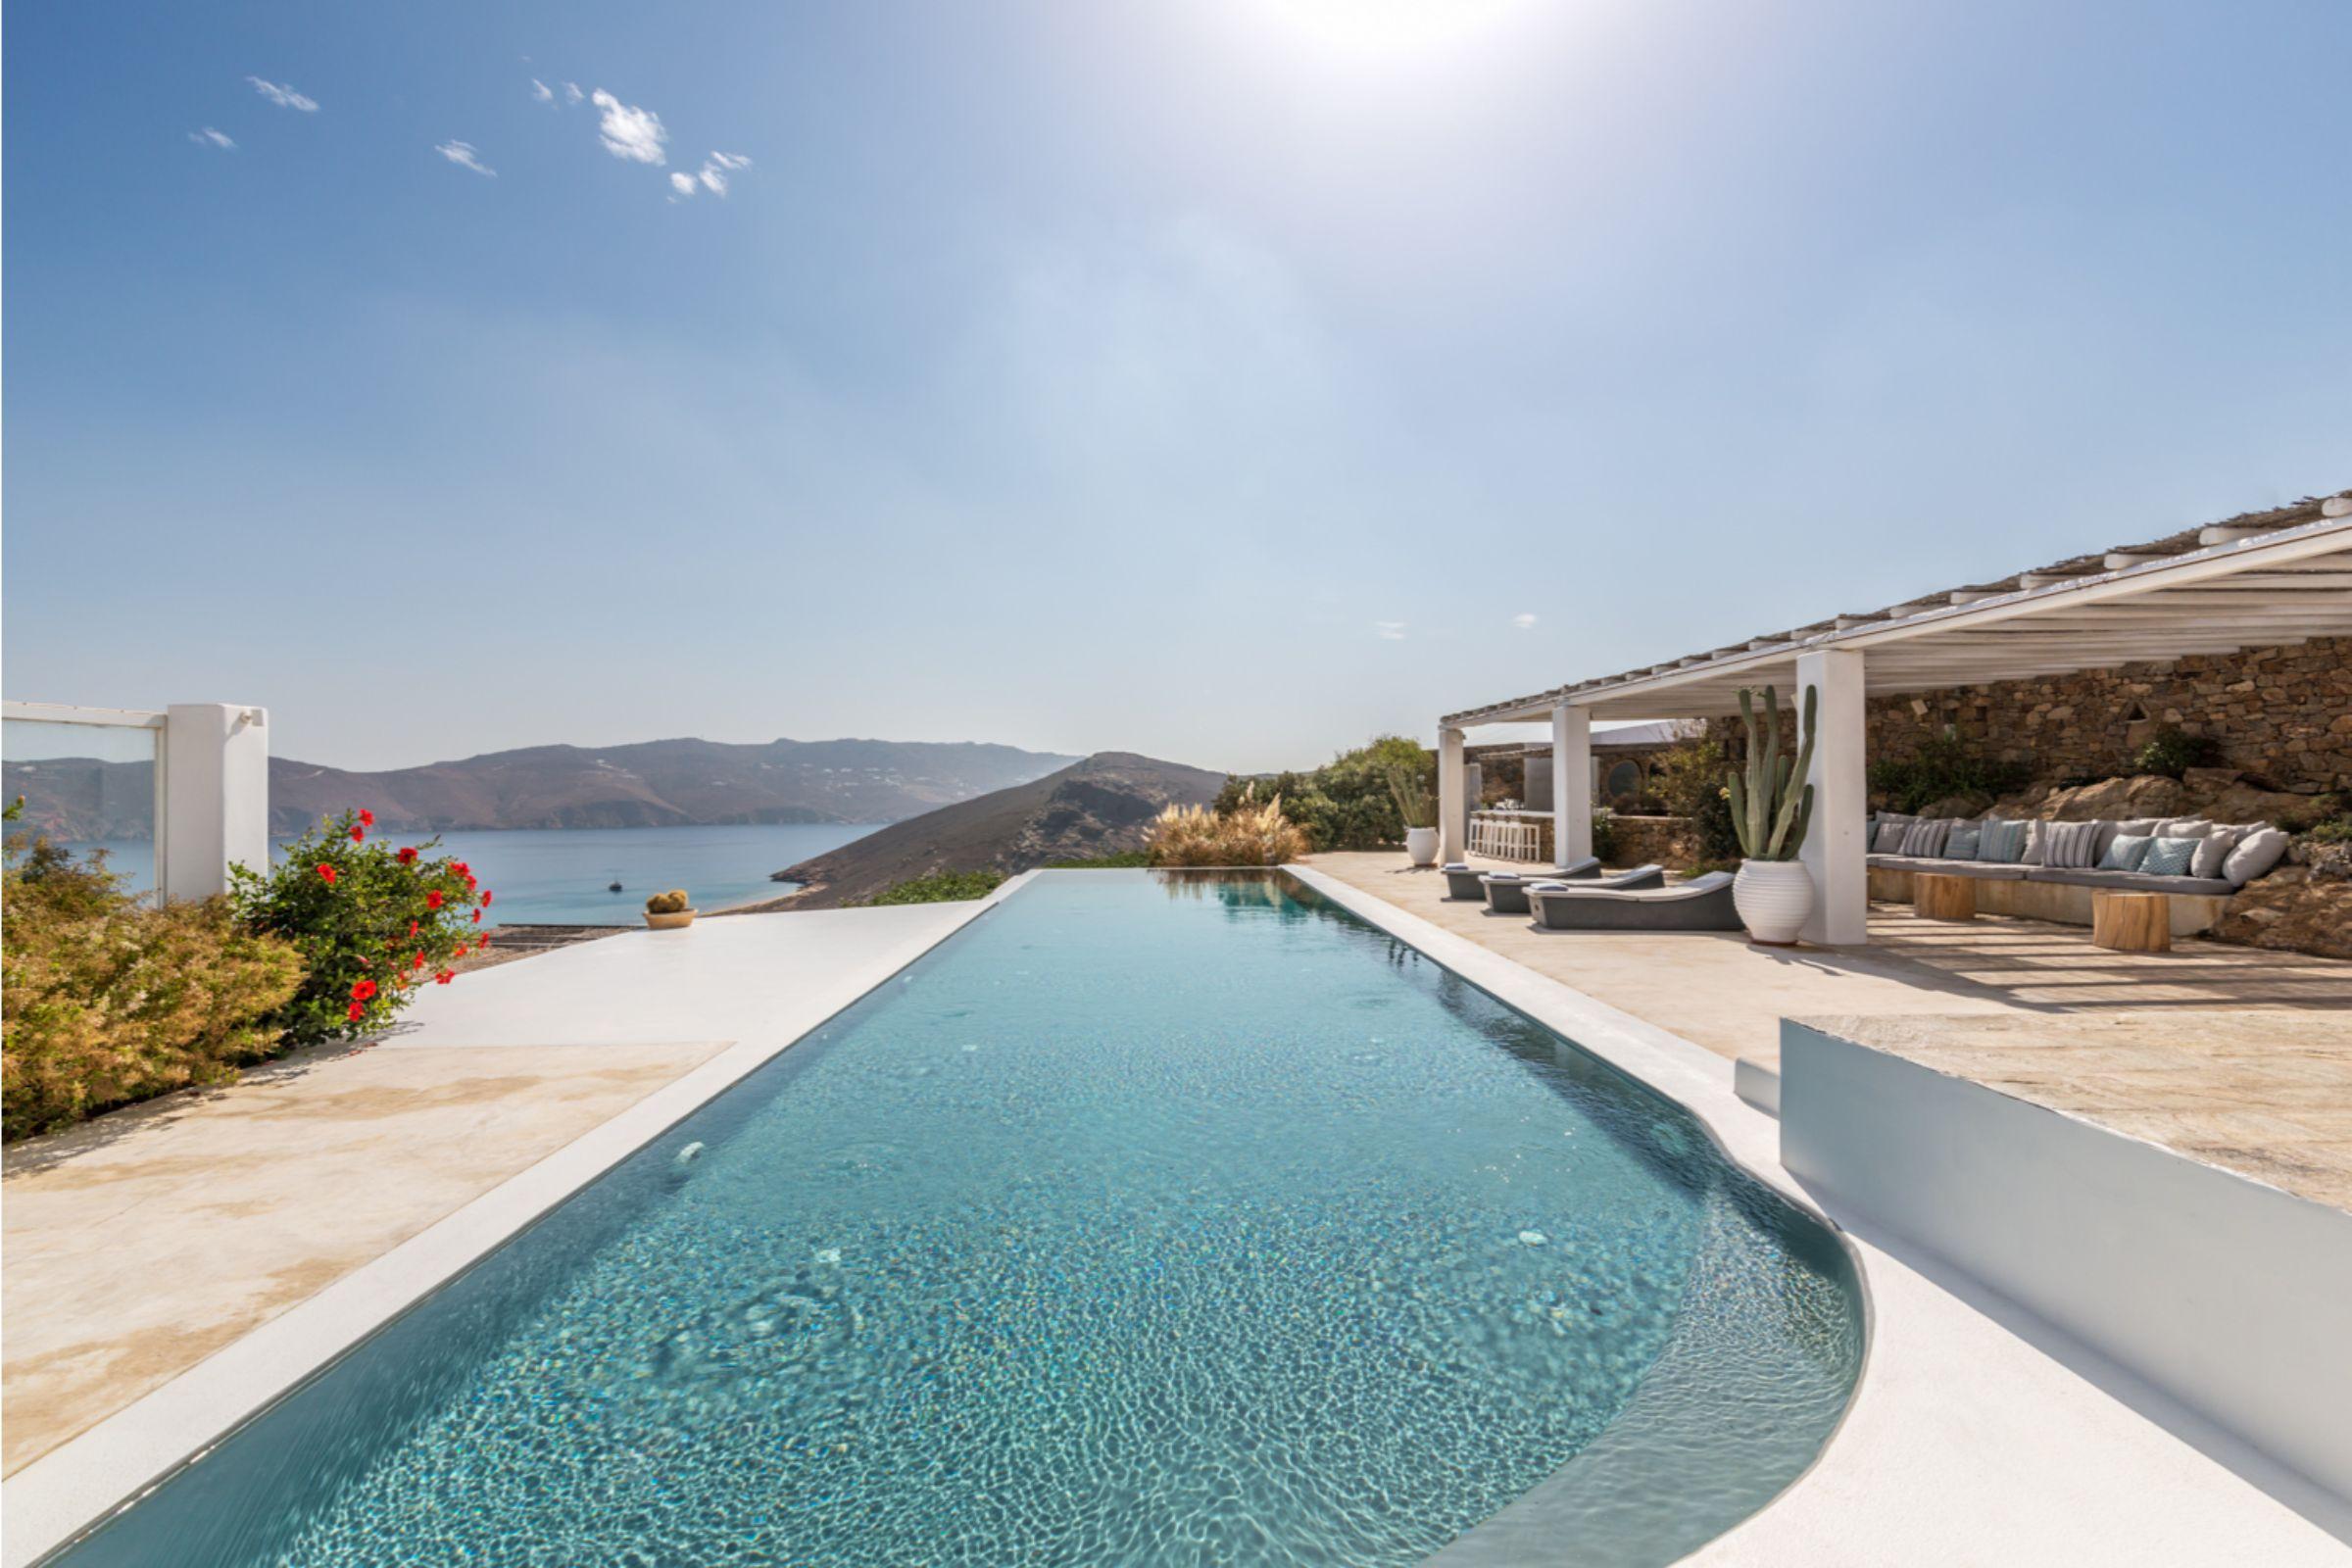 villa alva panormos bay pool